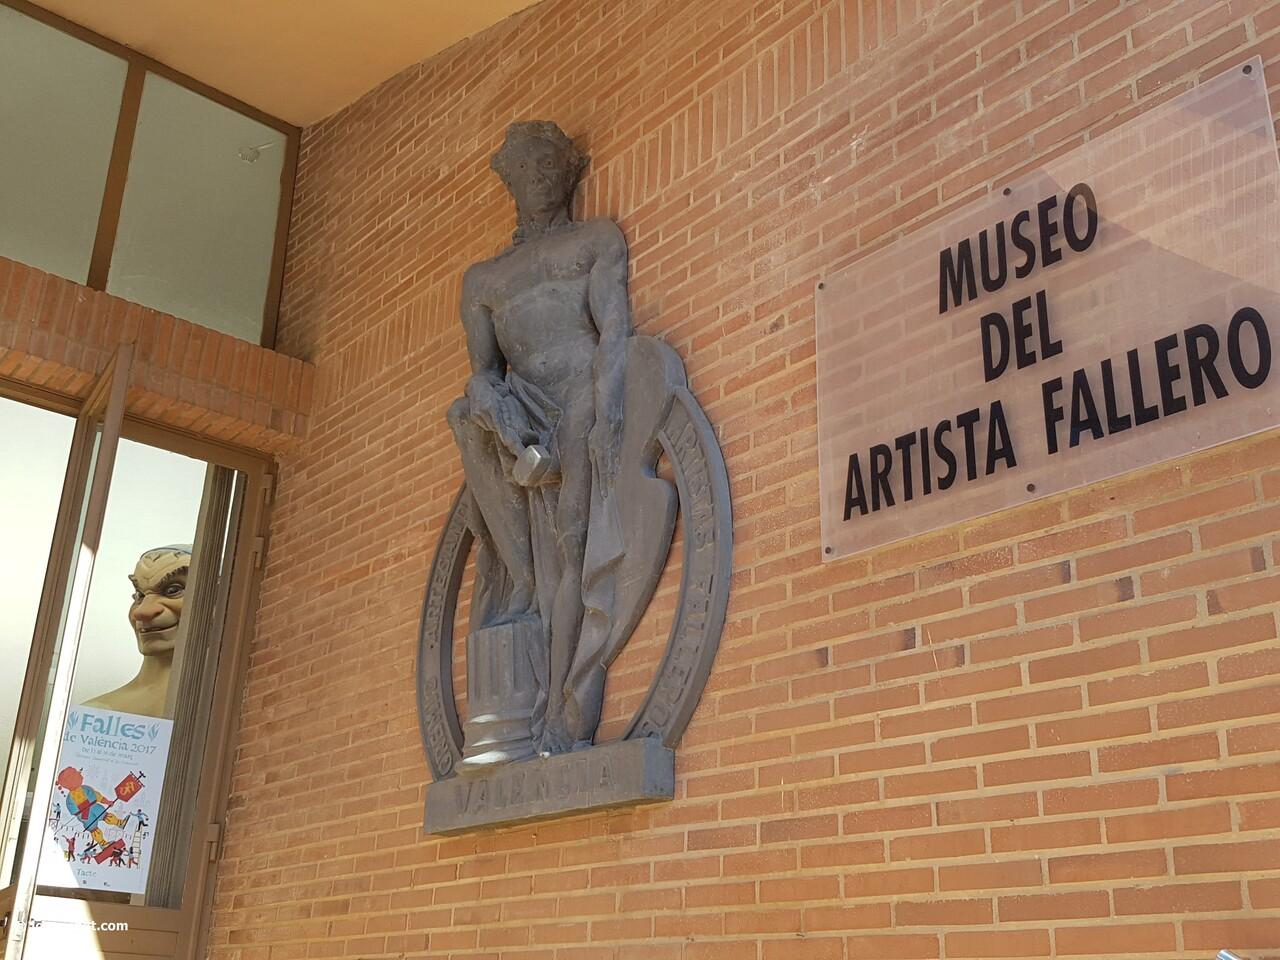 MUSEO GREMIO ARTISTAS FALLEROS VALENCIA 20170301_110647 (2)